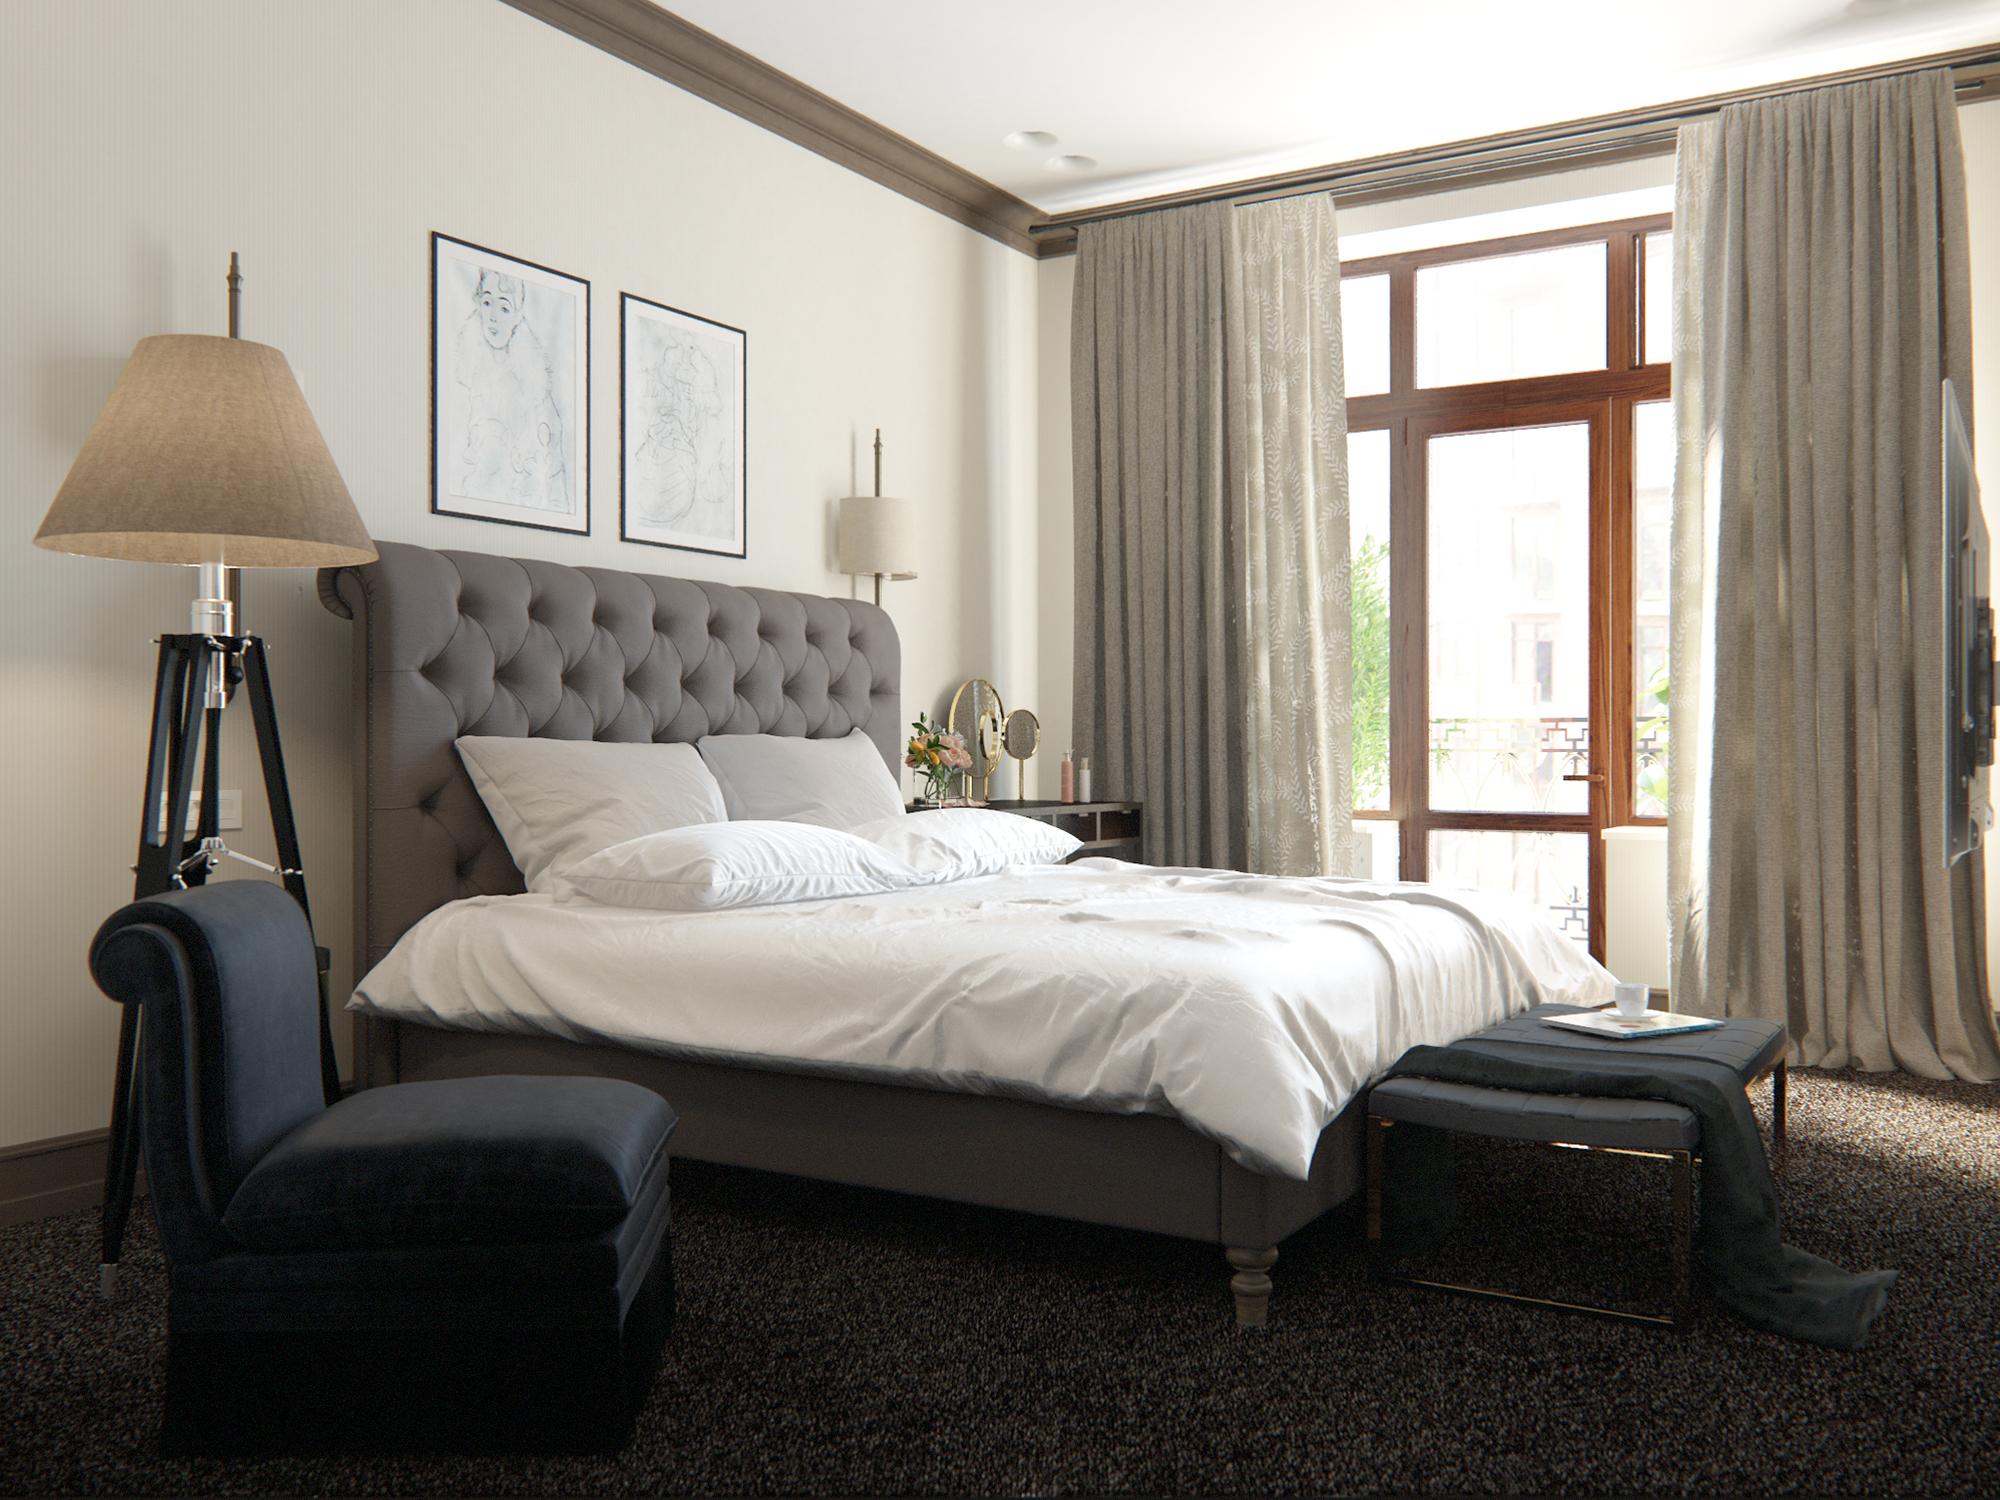 Бежевые стены в интерьере спальни